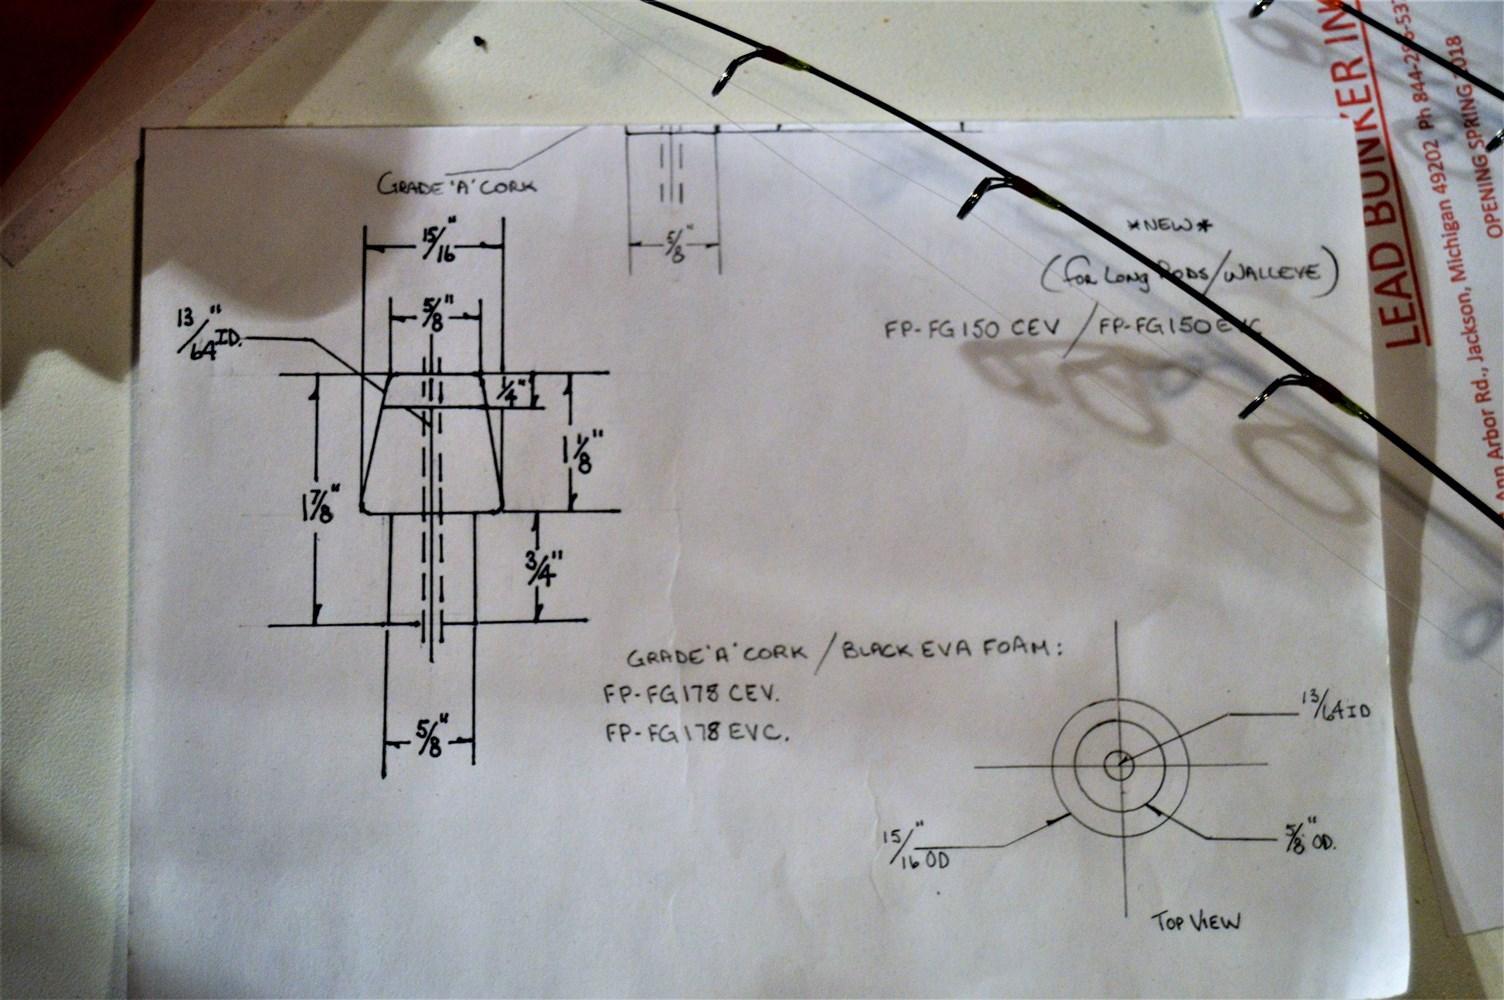 Artisans Of Michigan Making Ice Fishing Rods Radio Artisan Wiring Diagram View Slideshow 4 5